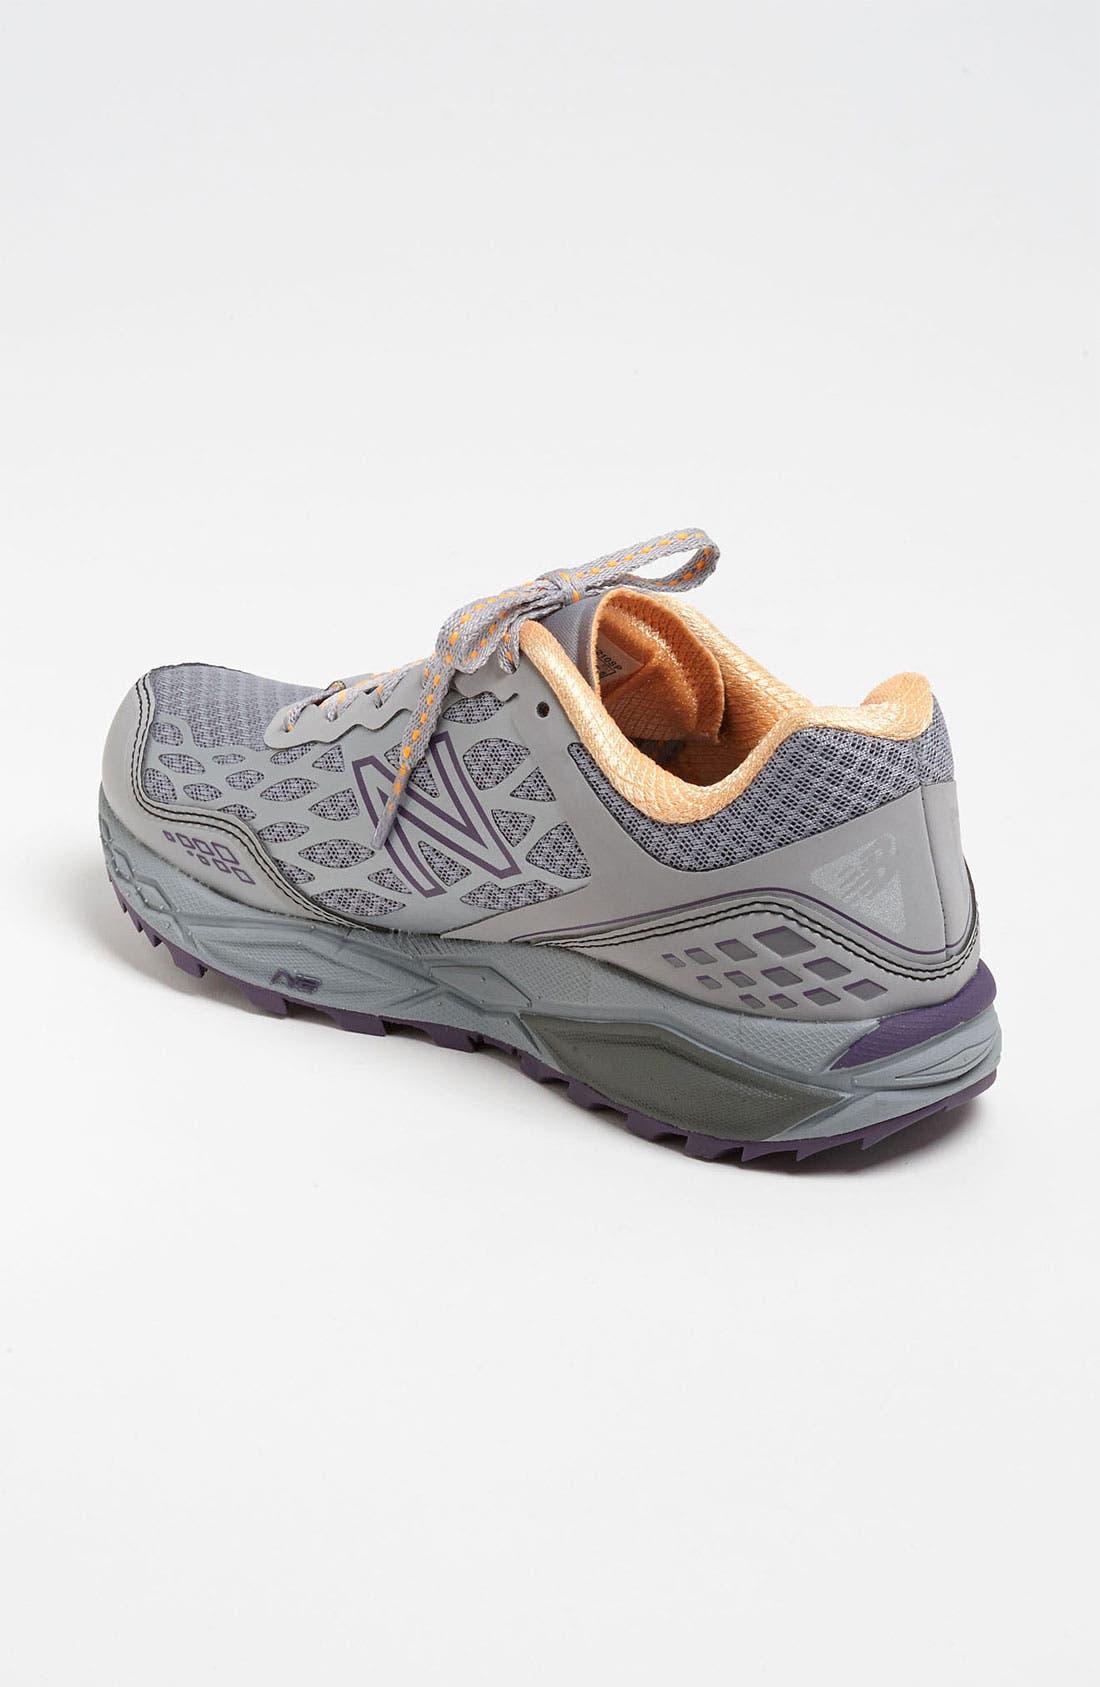 Alternate Image 2  - New Balance 'Leadville 1210 V1' Trail Running Shoe (Women)